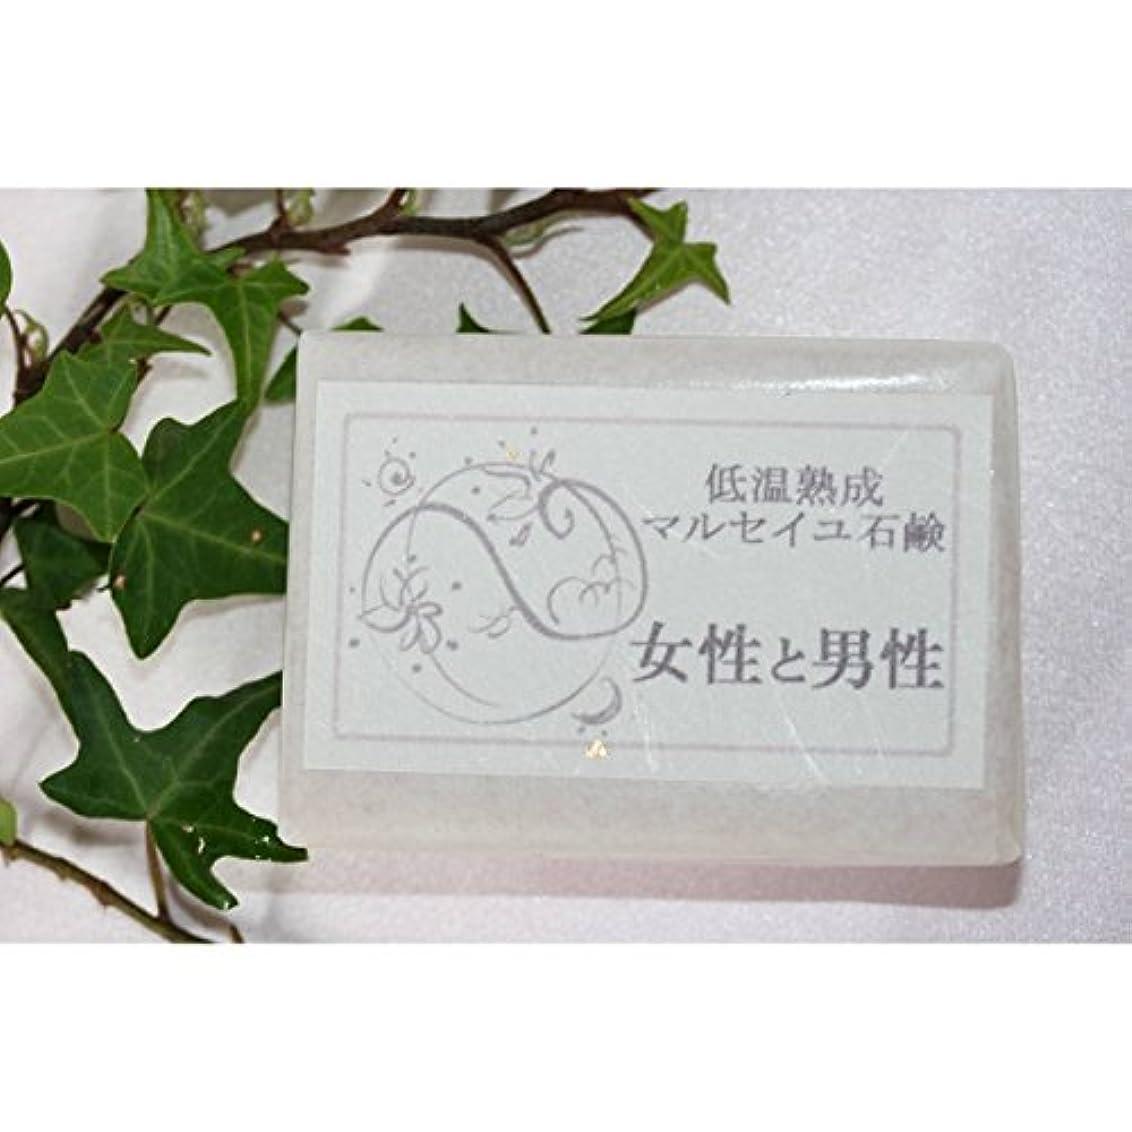 食物ファセット一節マウントフジ フラワーエッセンス 低温熟成 マルセイユ石鹸 「女性と男性」 (MTFUJI FLOWER ESSENCES)